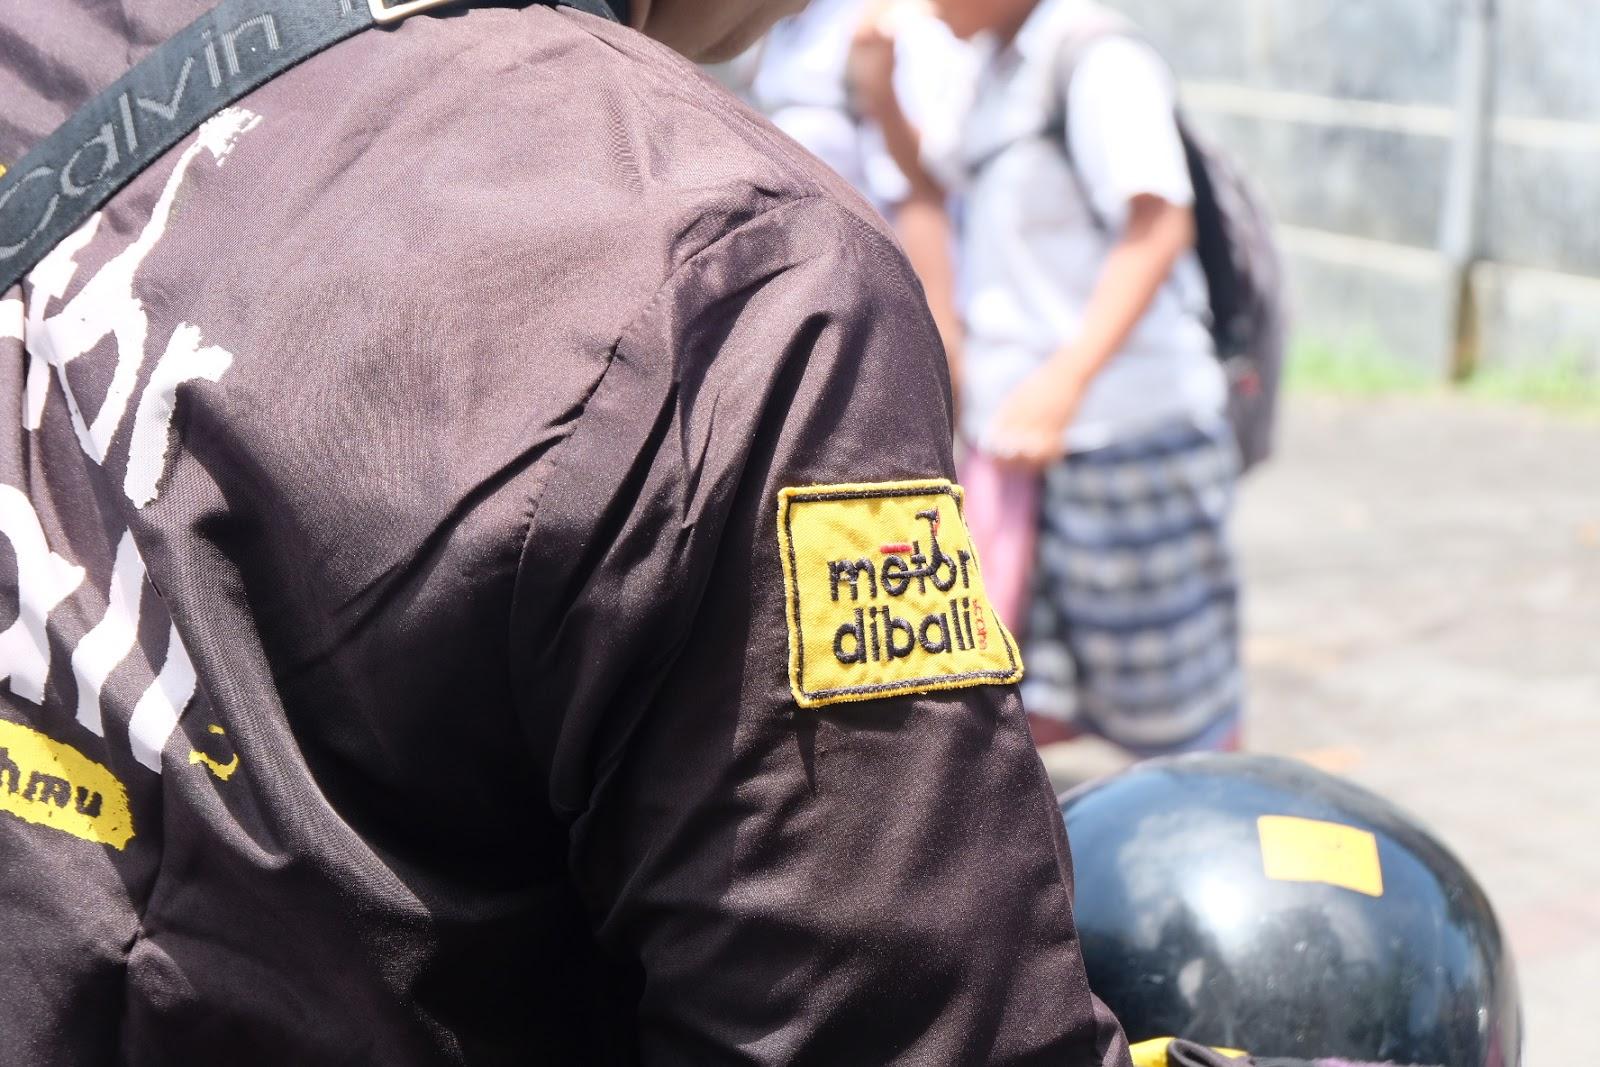 Tempat Sewa Motor di Bali Termurah wilayah KUTA, DENPASAR, BANDARA NGURAH RAI, hingga NUSA DUA BALI